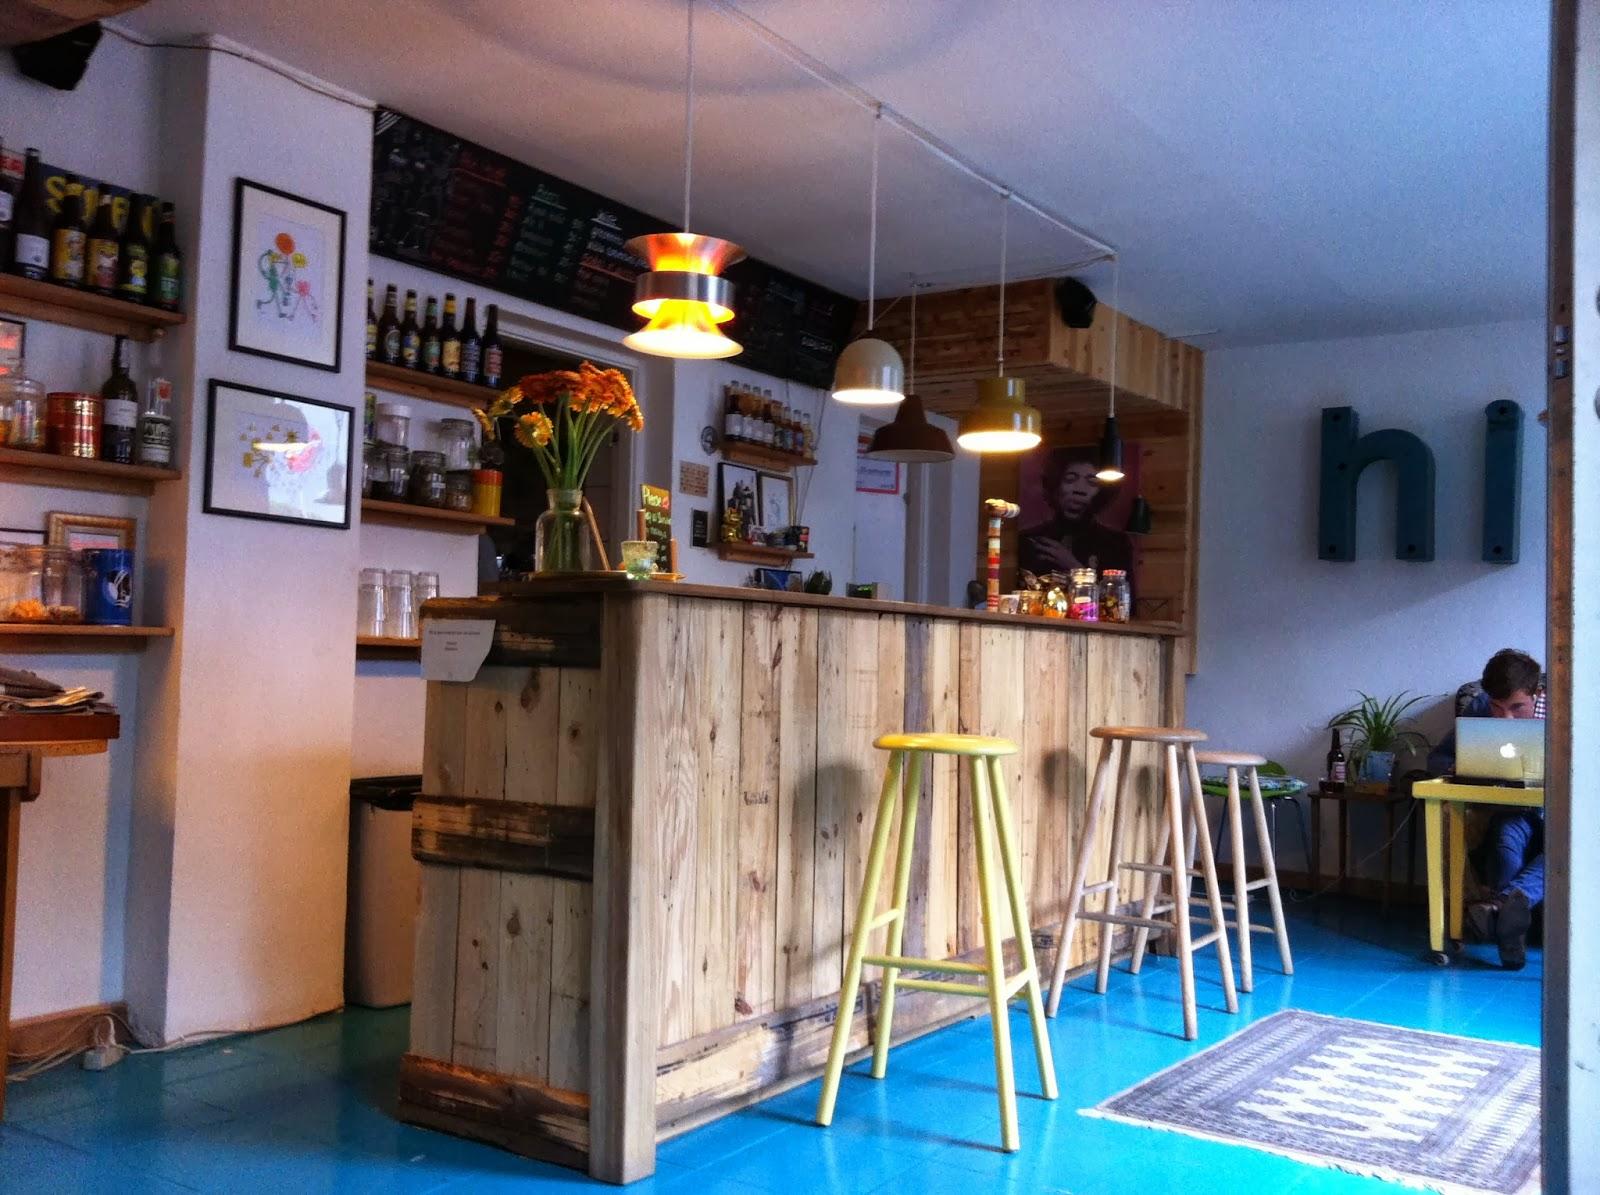 Rules of green woodah hostel copenhagen denmark for Kopenhagen hostel